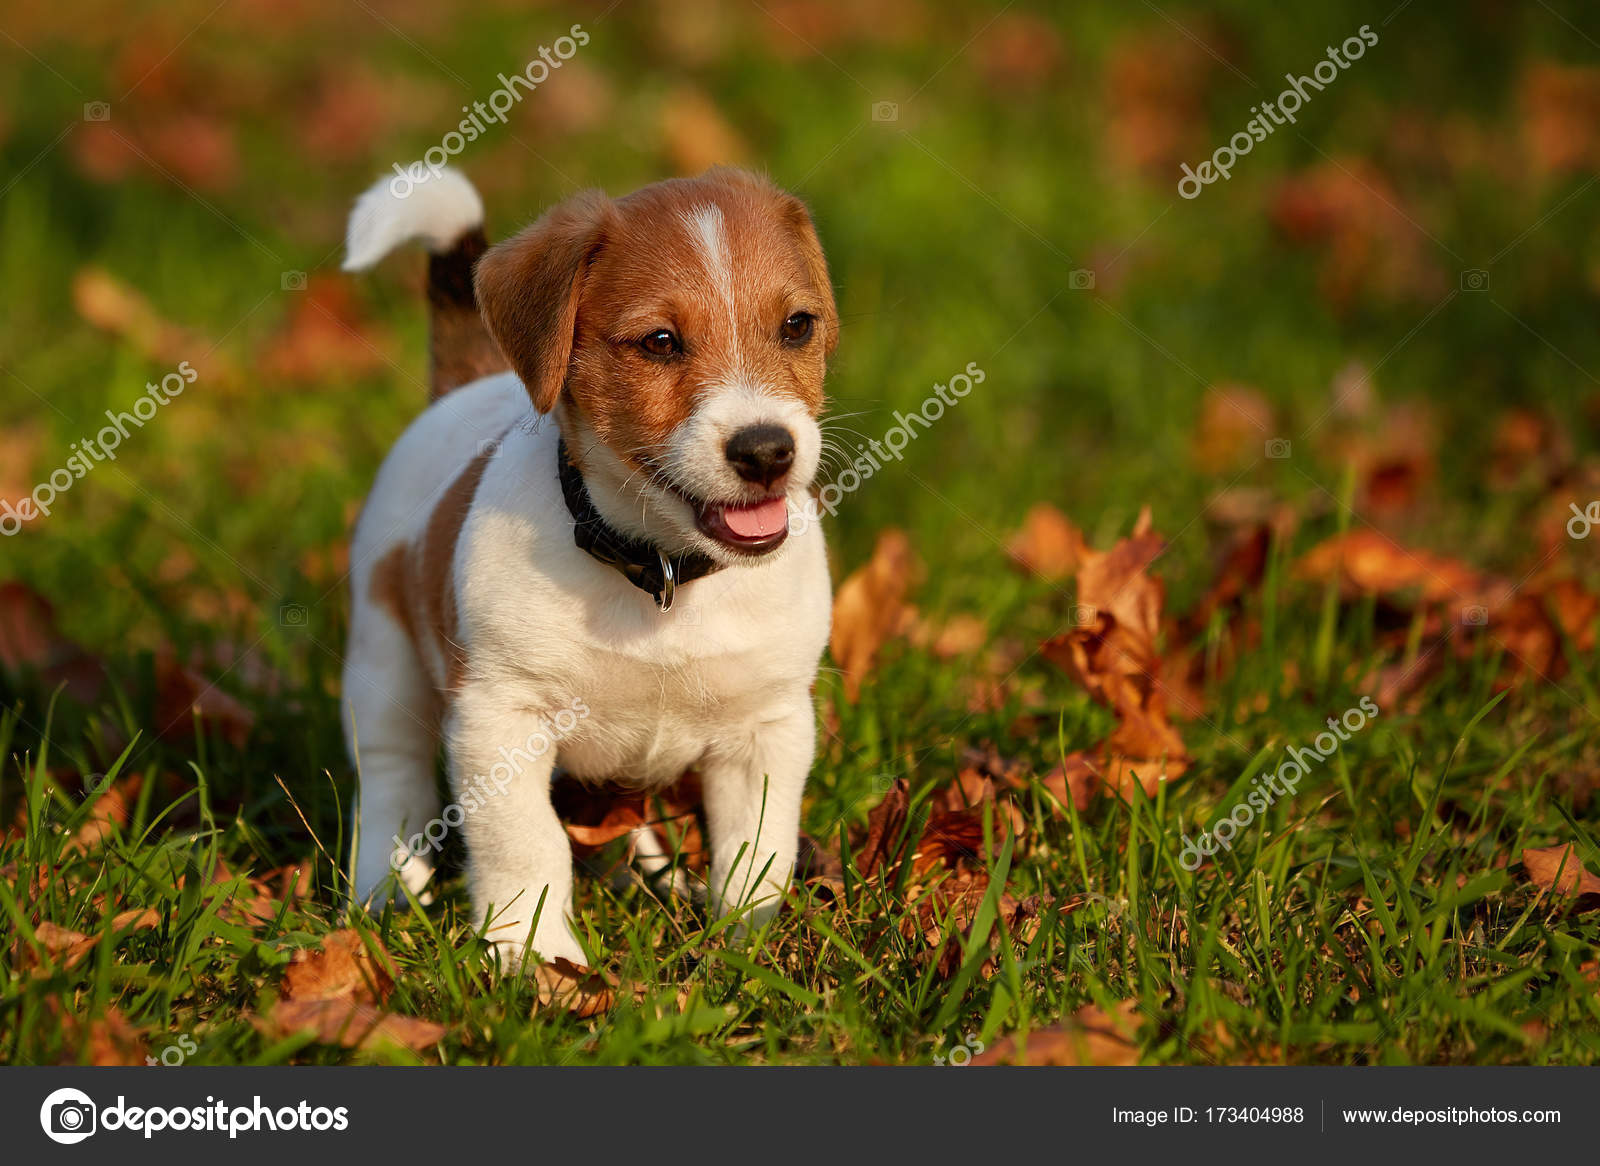 Hund Züchten Jack Russell Terrier Spielen Im Herbst Park Stockfoto